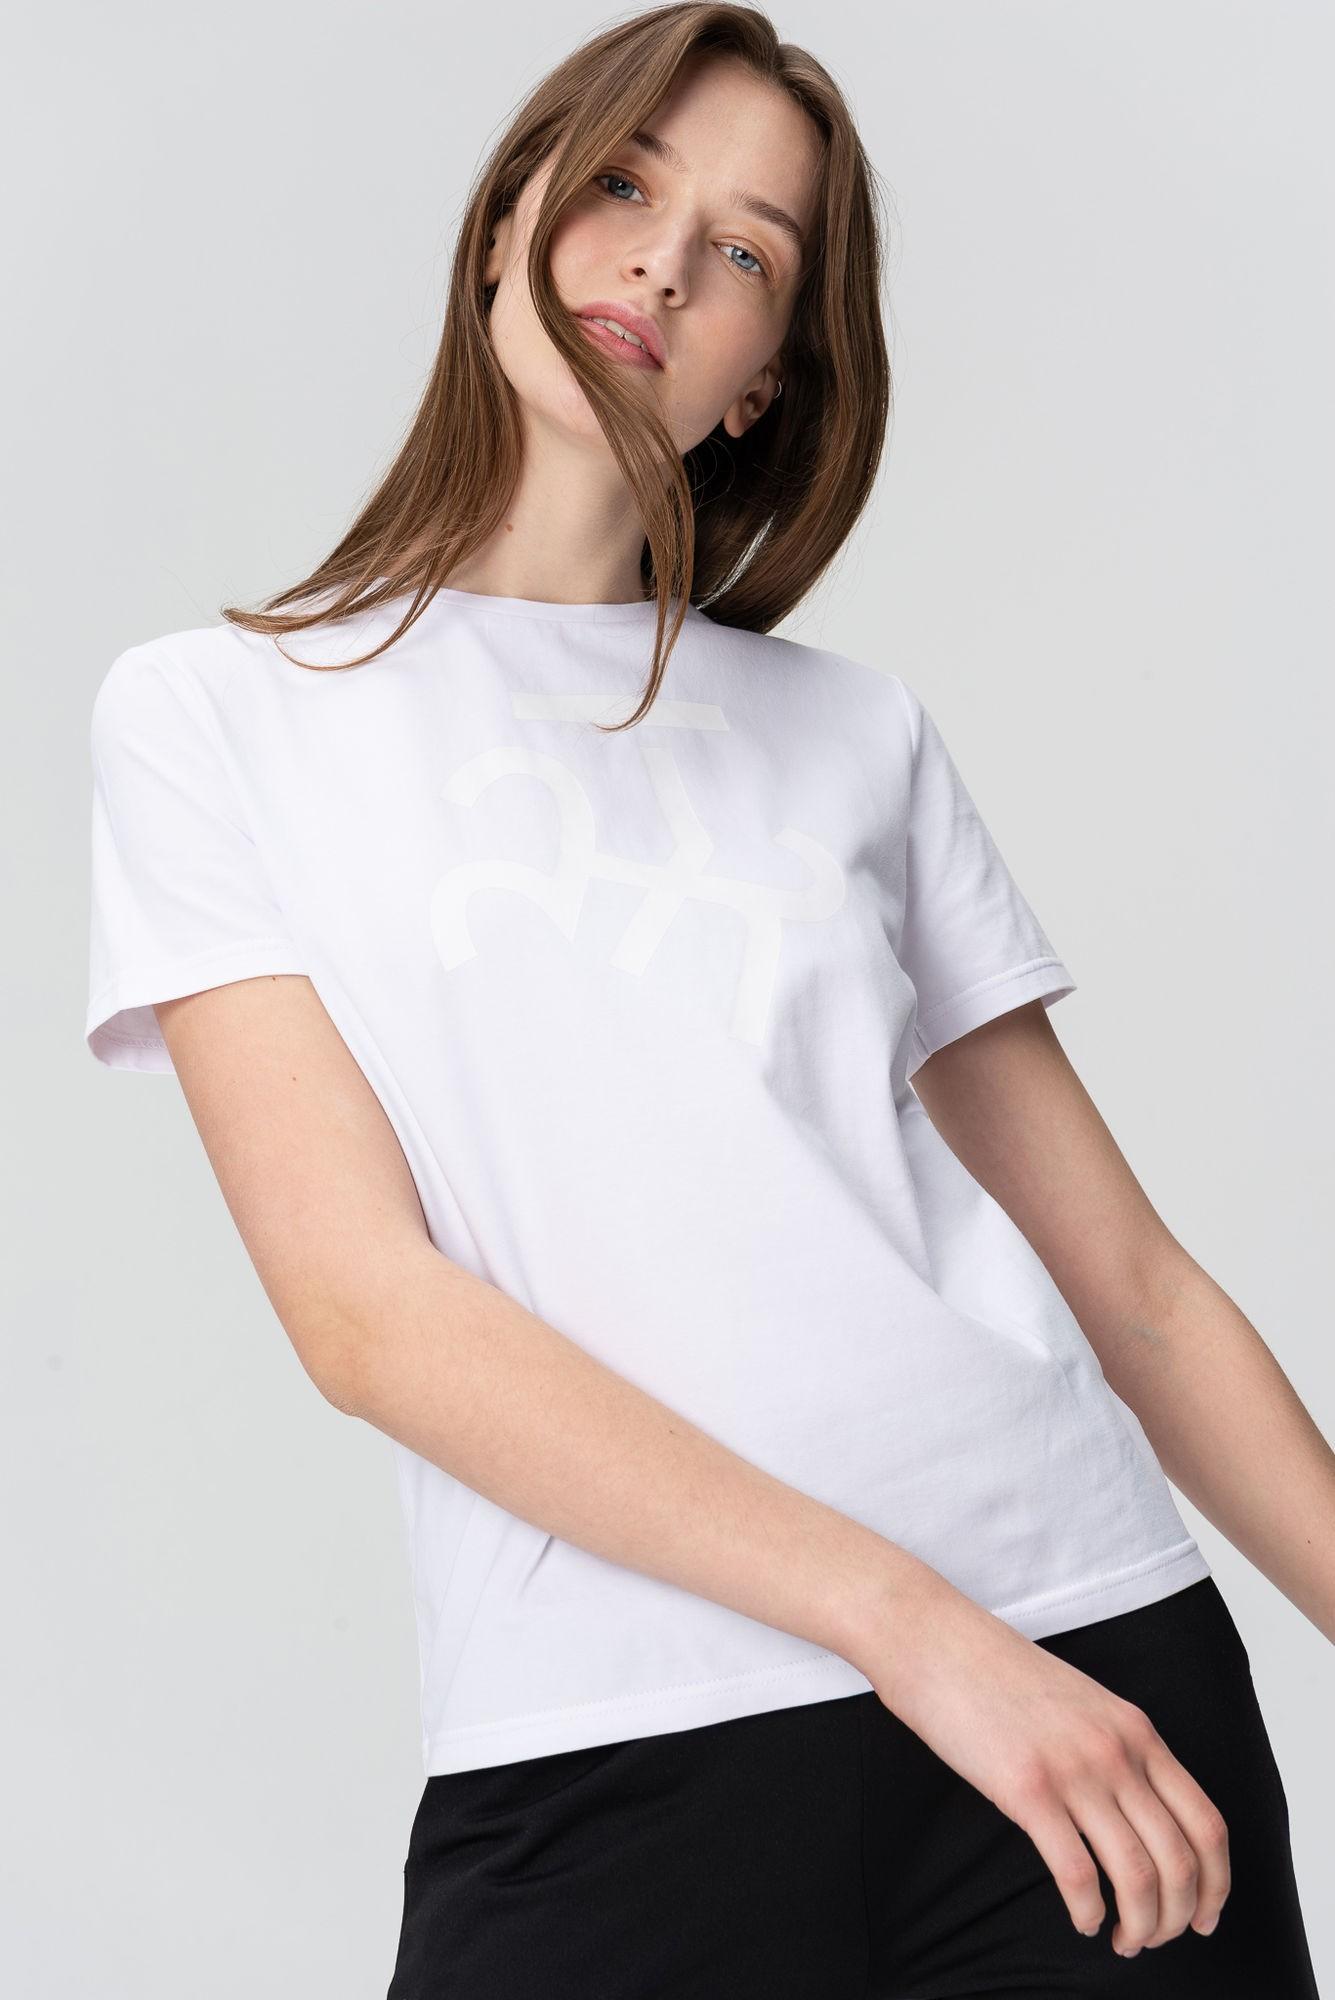 AUDIMAS Marškinėliai trumpomis rankovėmis 20HR-021 Vytis1/White Printed L